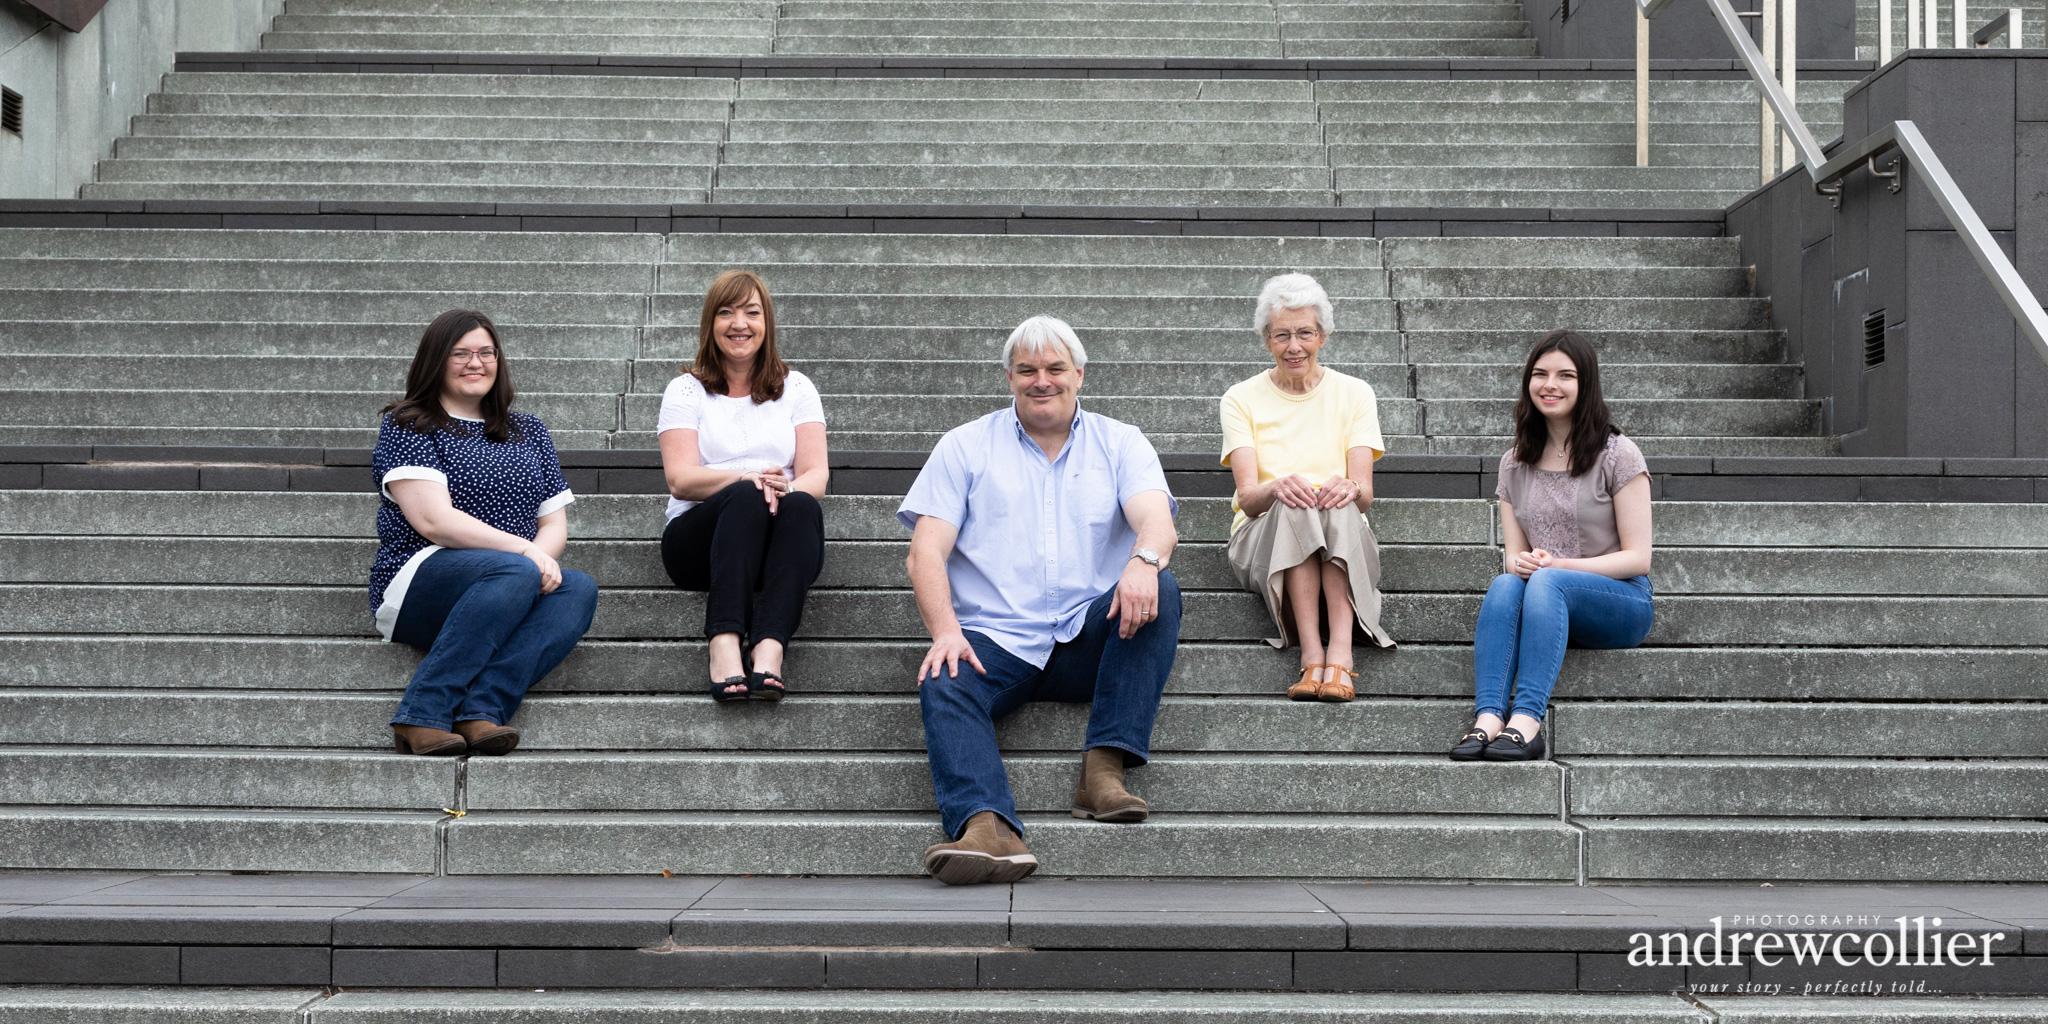 Colour family portrait, Metropolitan Cathedral steps, Liverpool